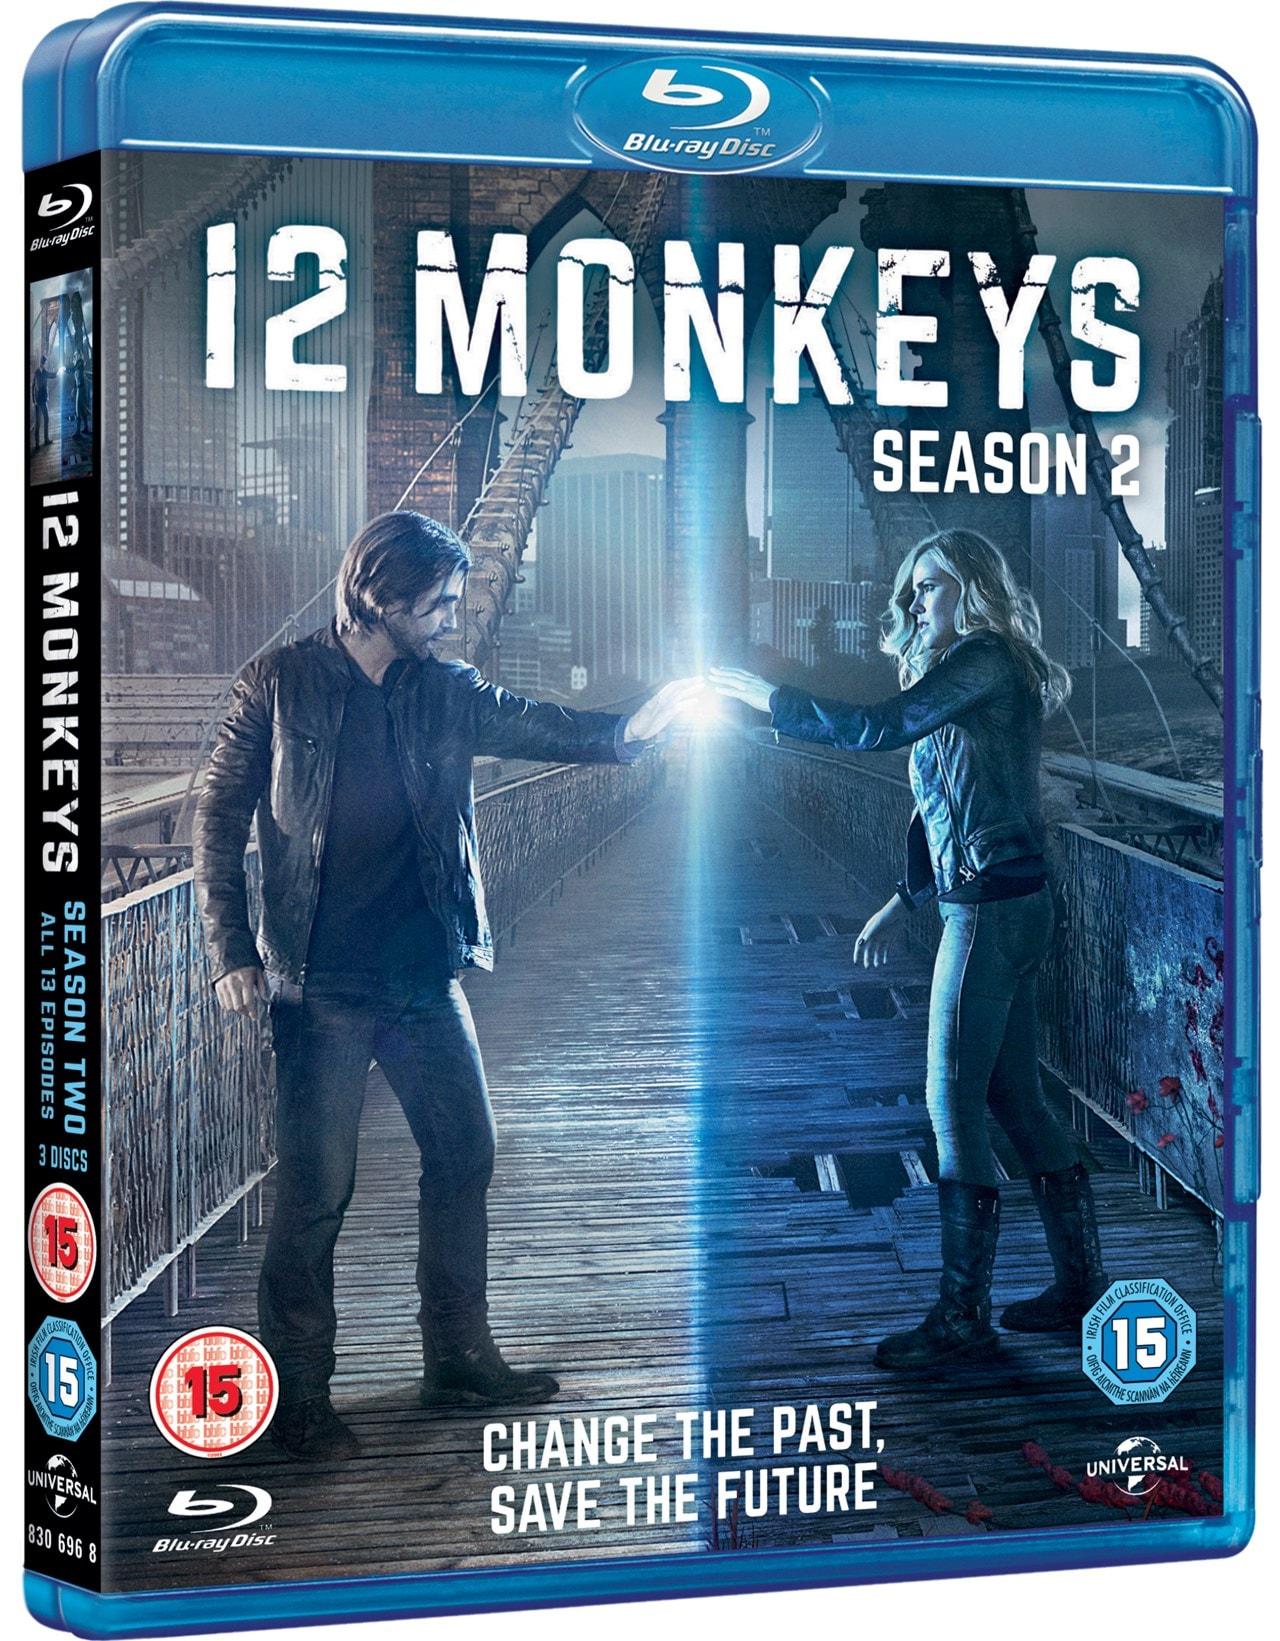 12 Monkeys: Season 2 - 2